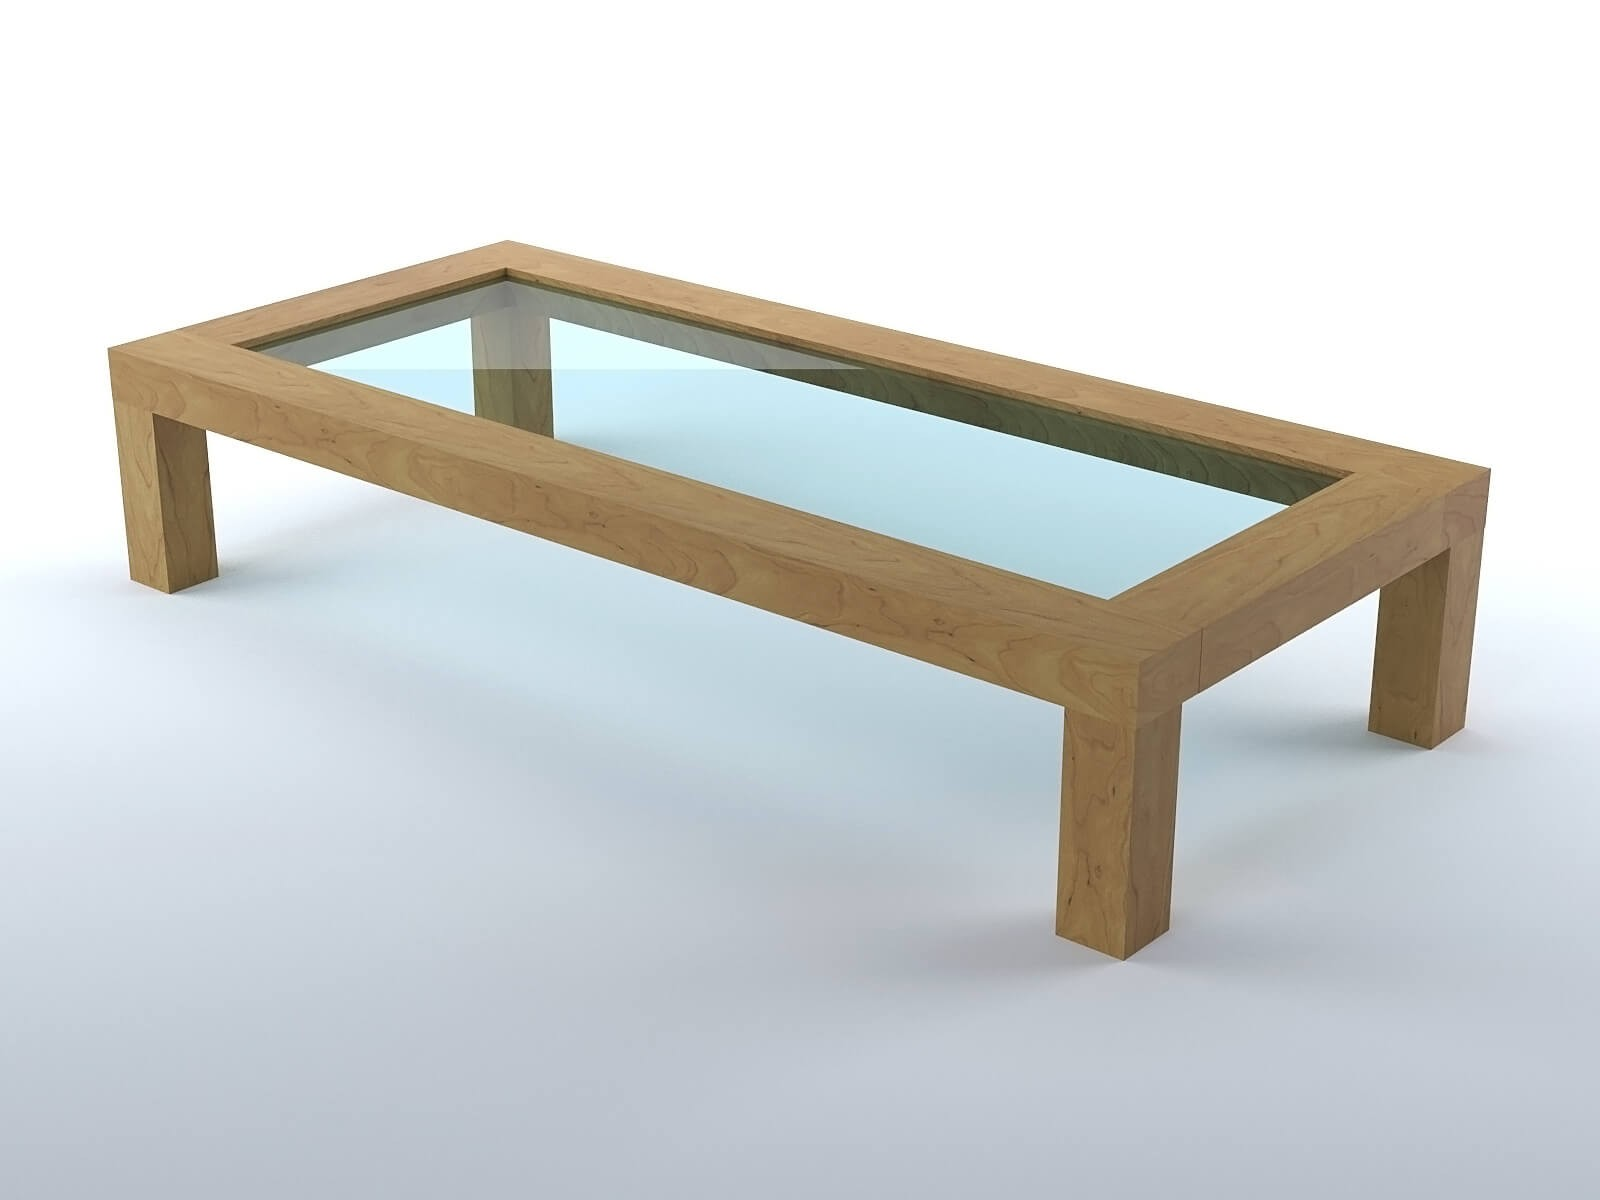 Table basse salon bois (1)